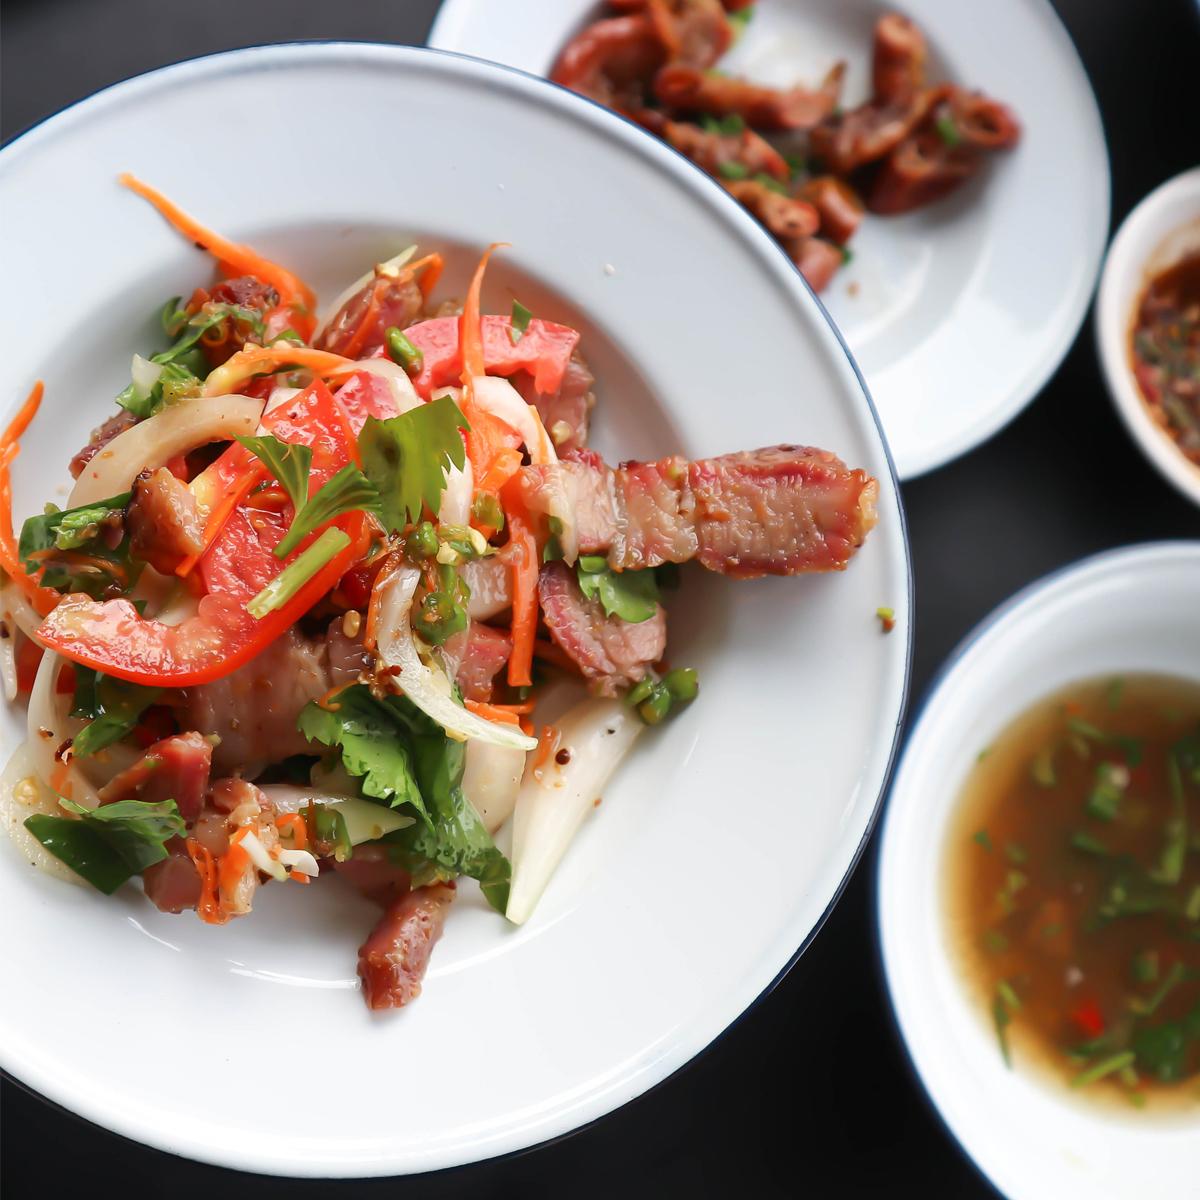 Vietnamese Pork Steak Salad